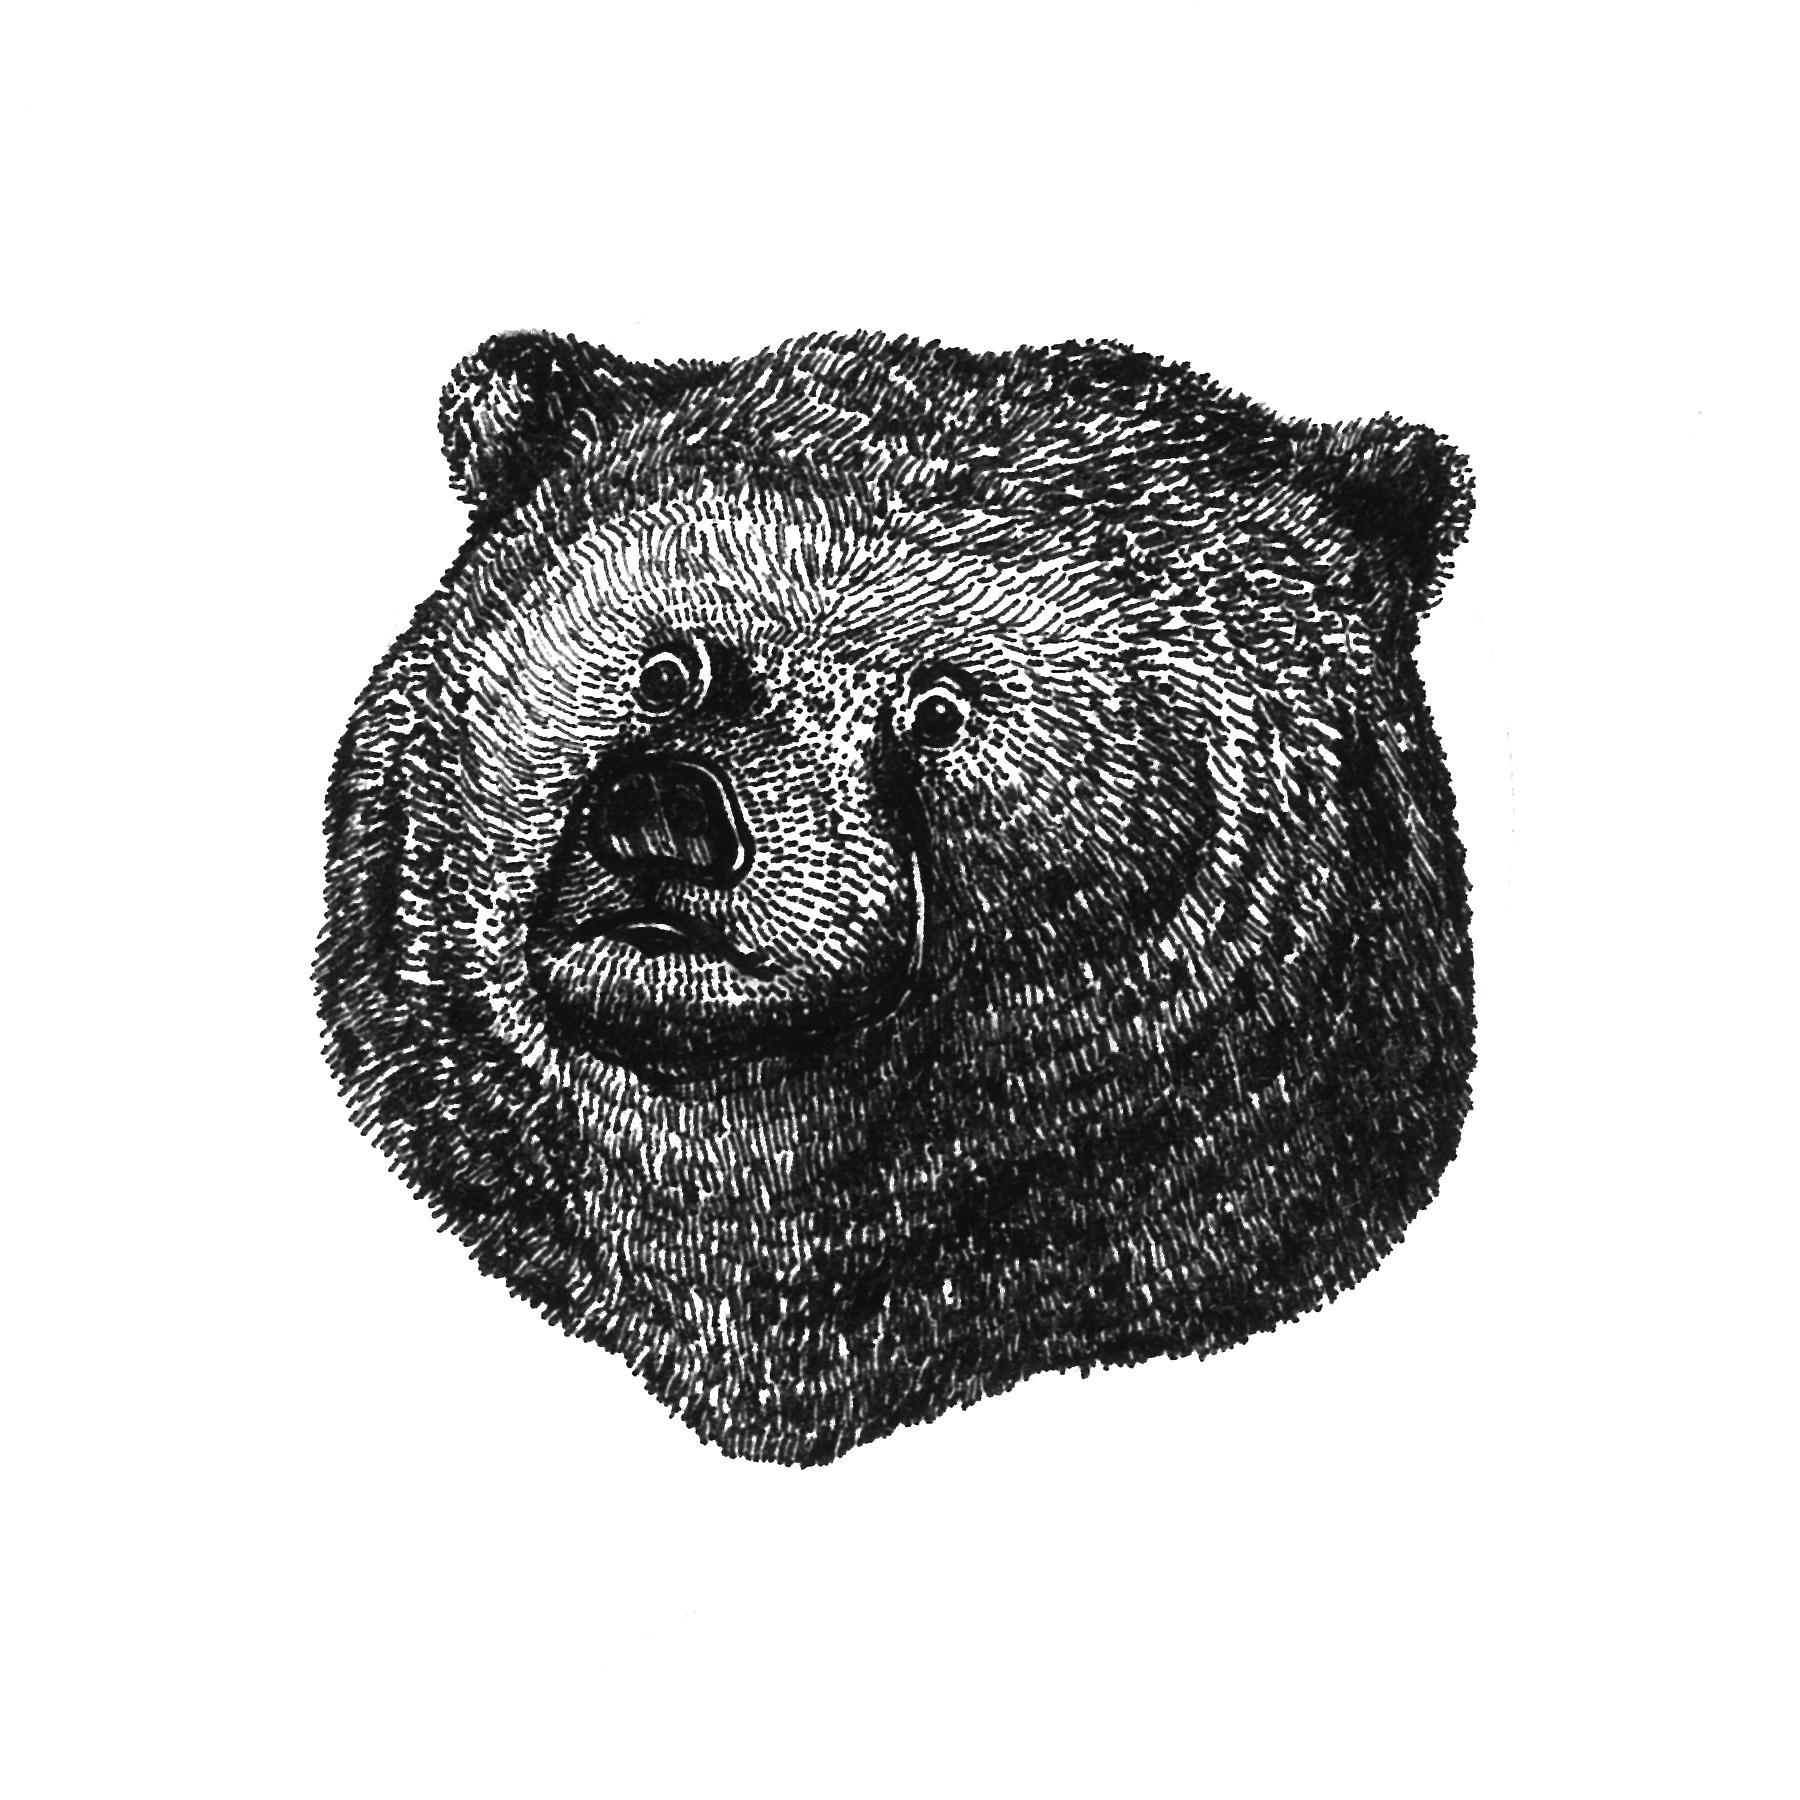 03 Bear